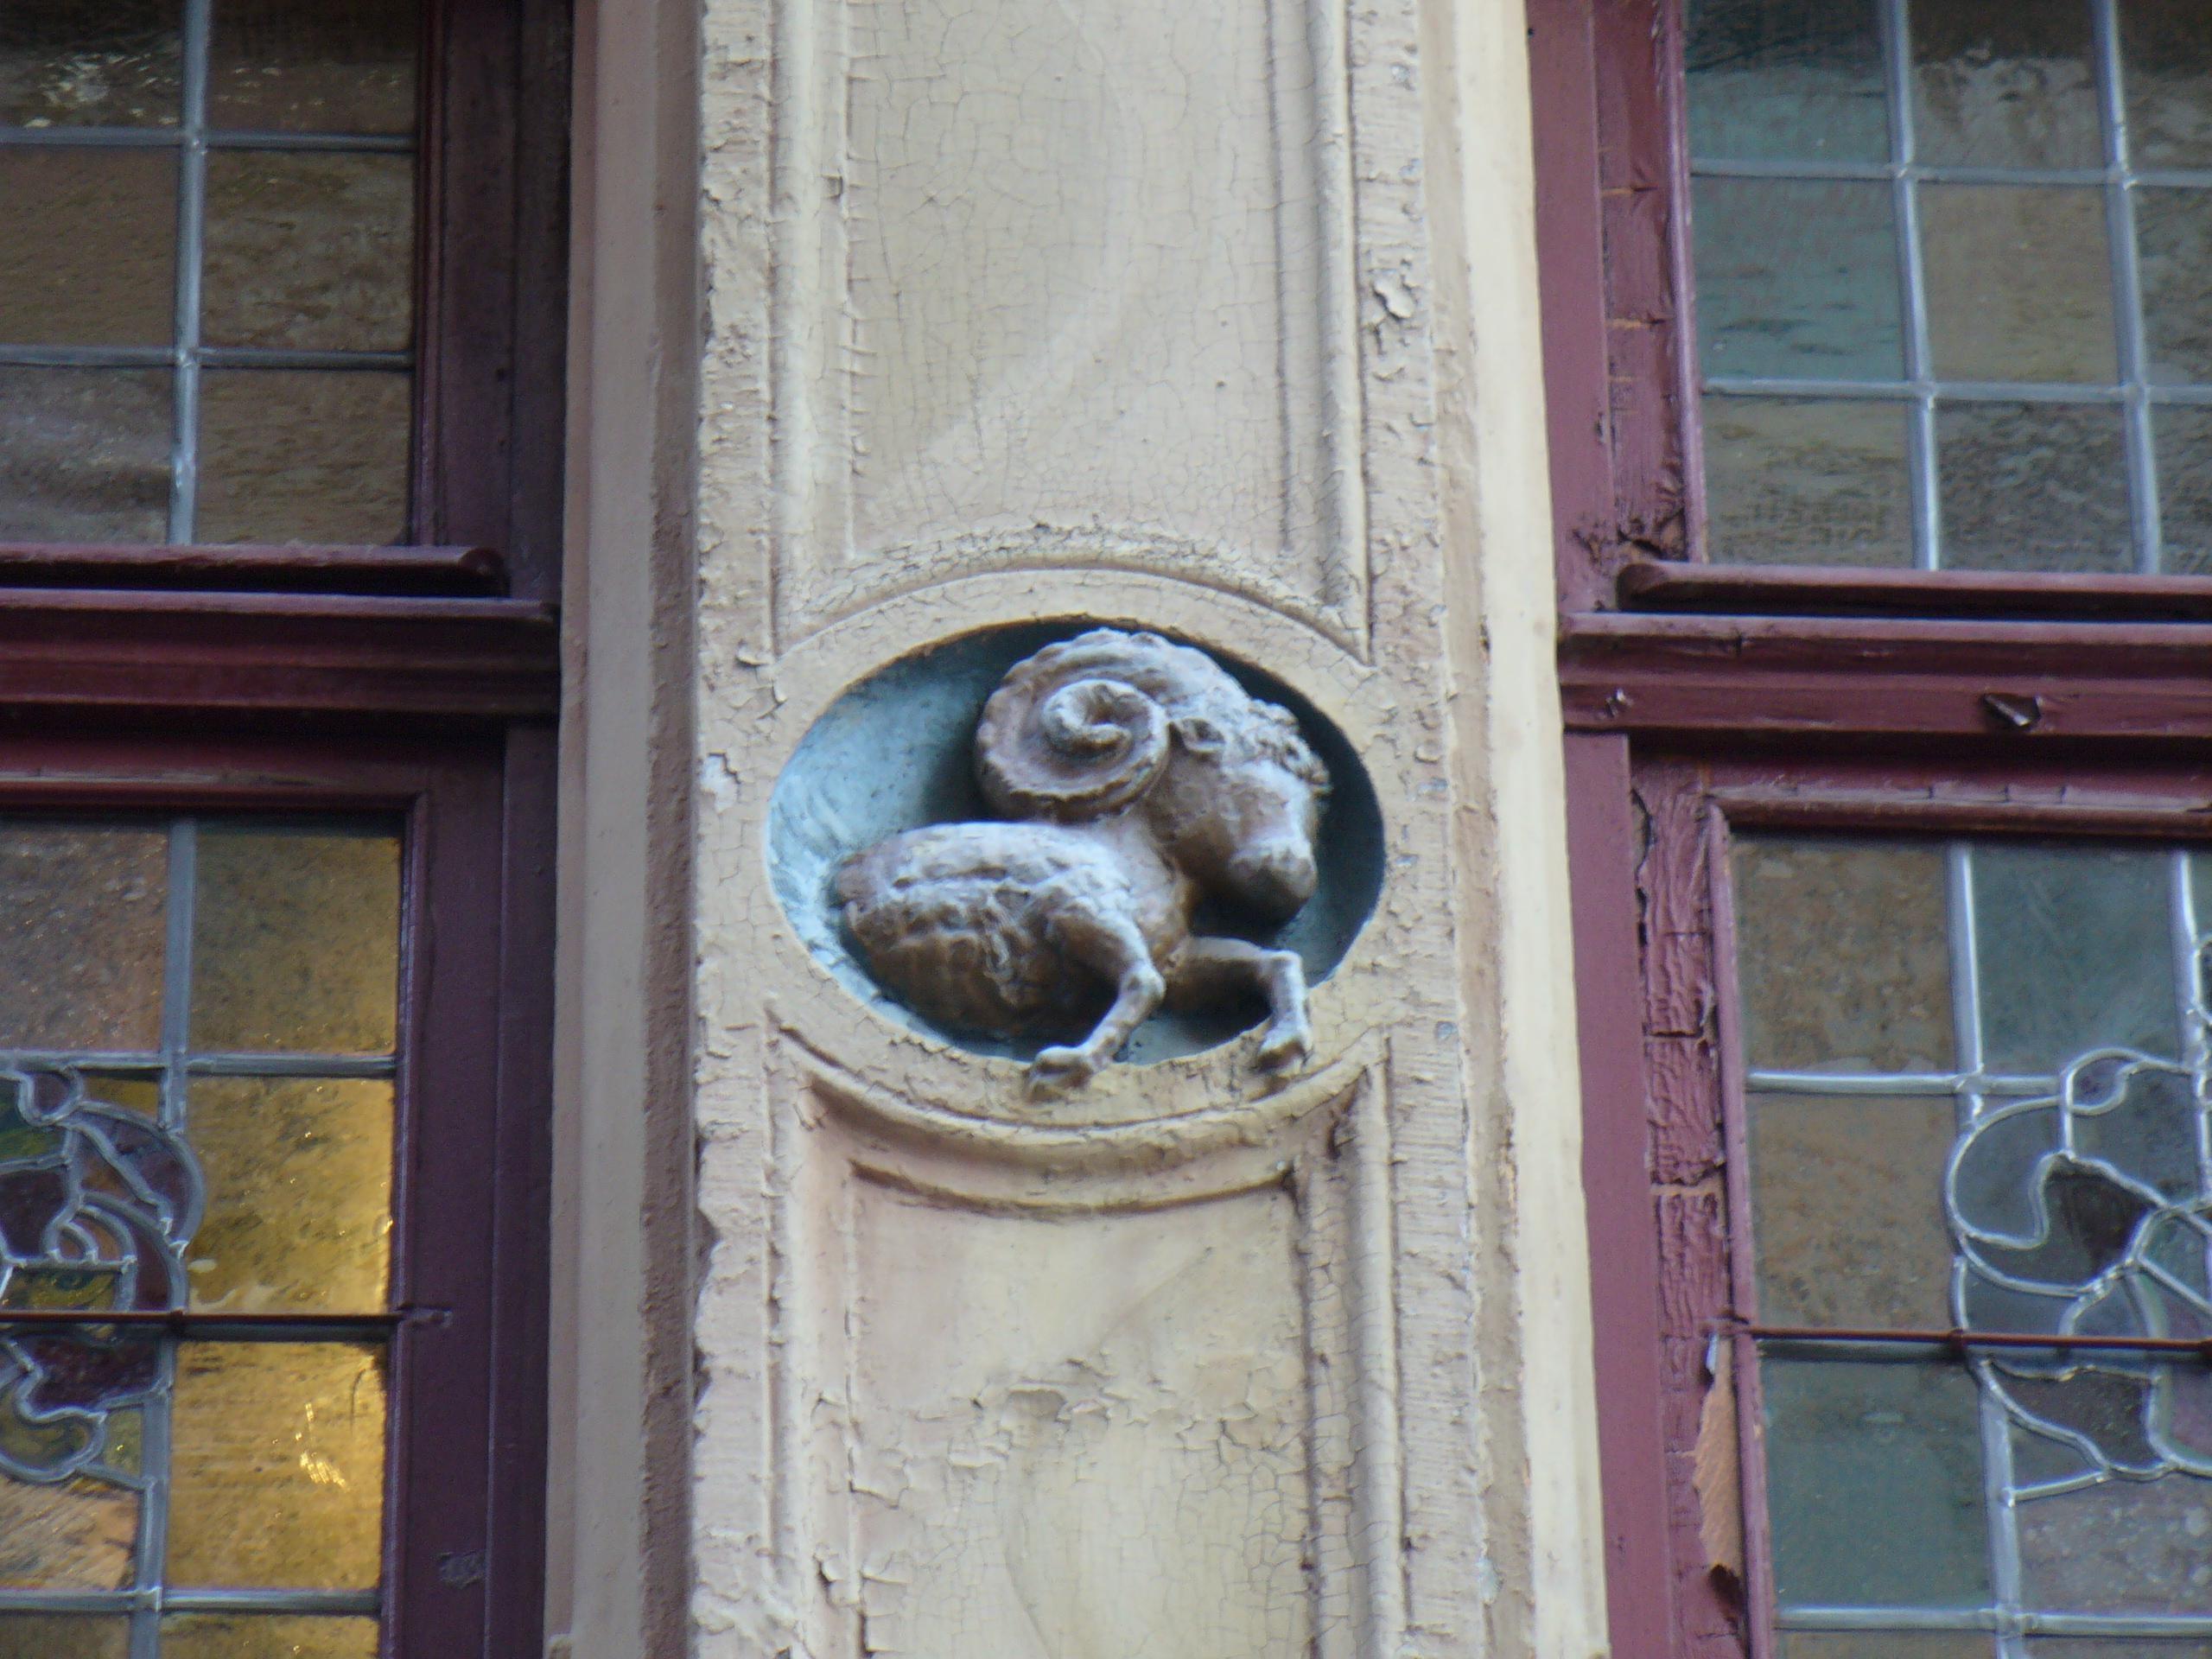 La Winstub «Strissel», située 5 place de la Grande Boucherie, s'appelait au Moyen Âge «Au bélier» (zum Widderer). On retrouve un petit bélier sortant d'un médaillon, au premier étage, au niveau des fenêtres…